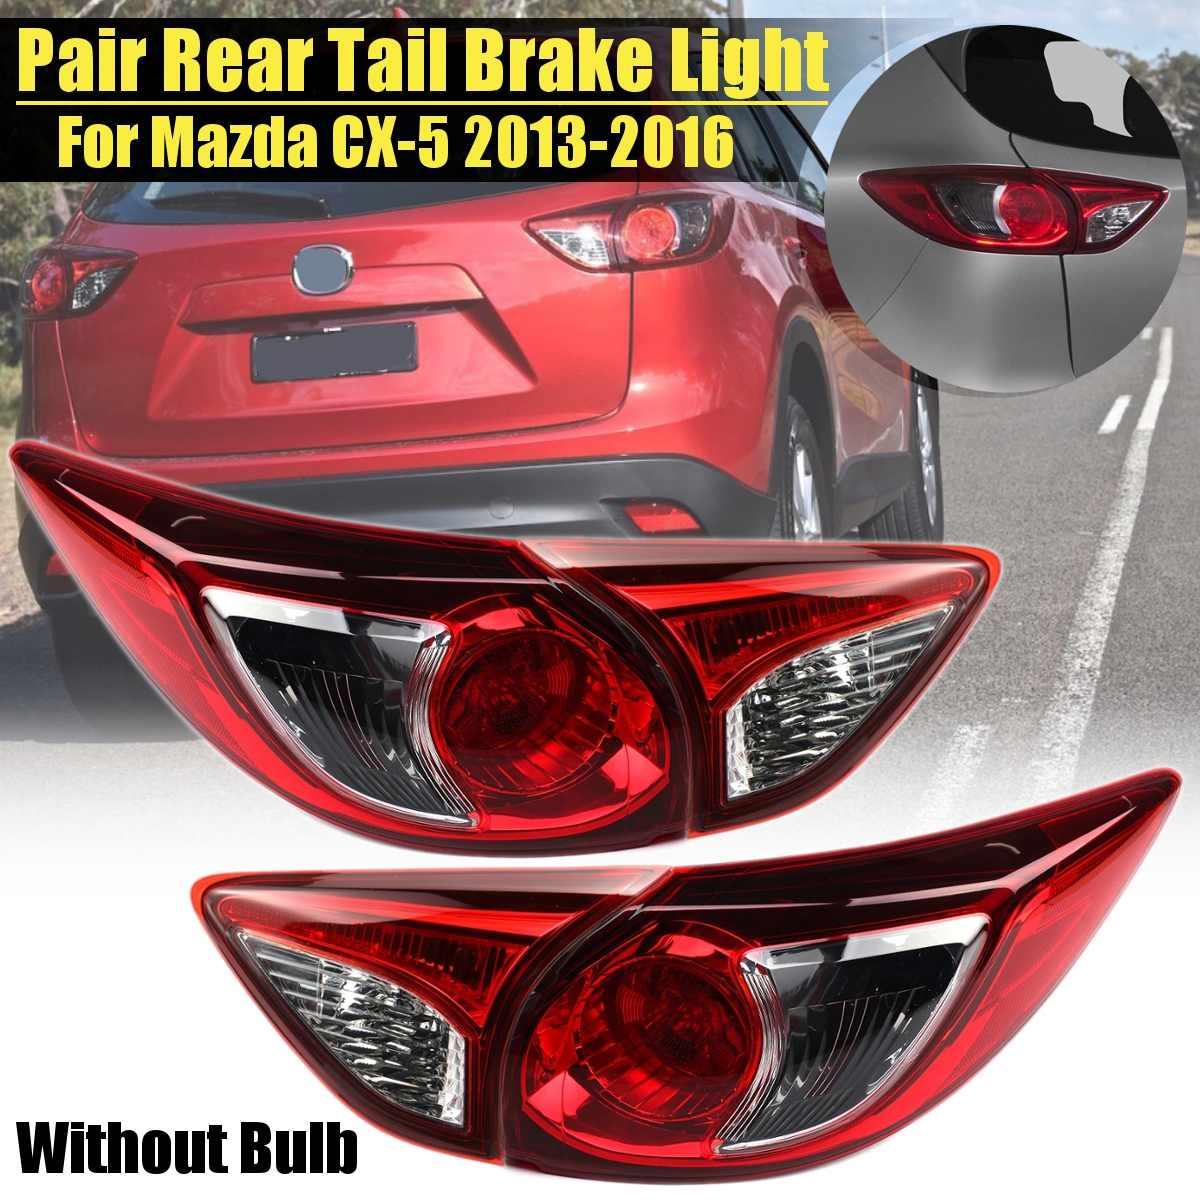 Car TailLight Lamp Housing For Mazda Cx5 Cx 5 2013 2016 Car Styling Rear Left Right Tail Light Lamp Reversing Brake Fog Light